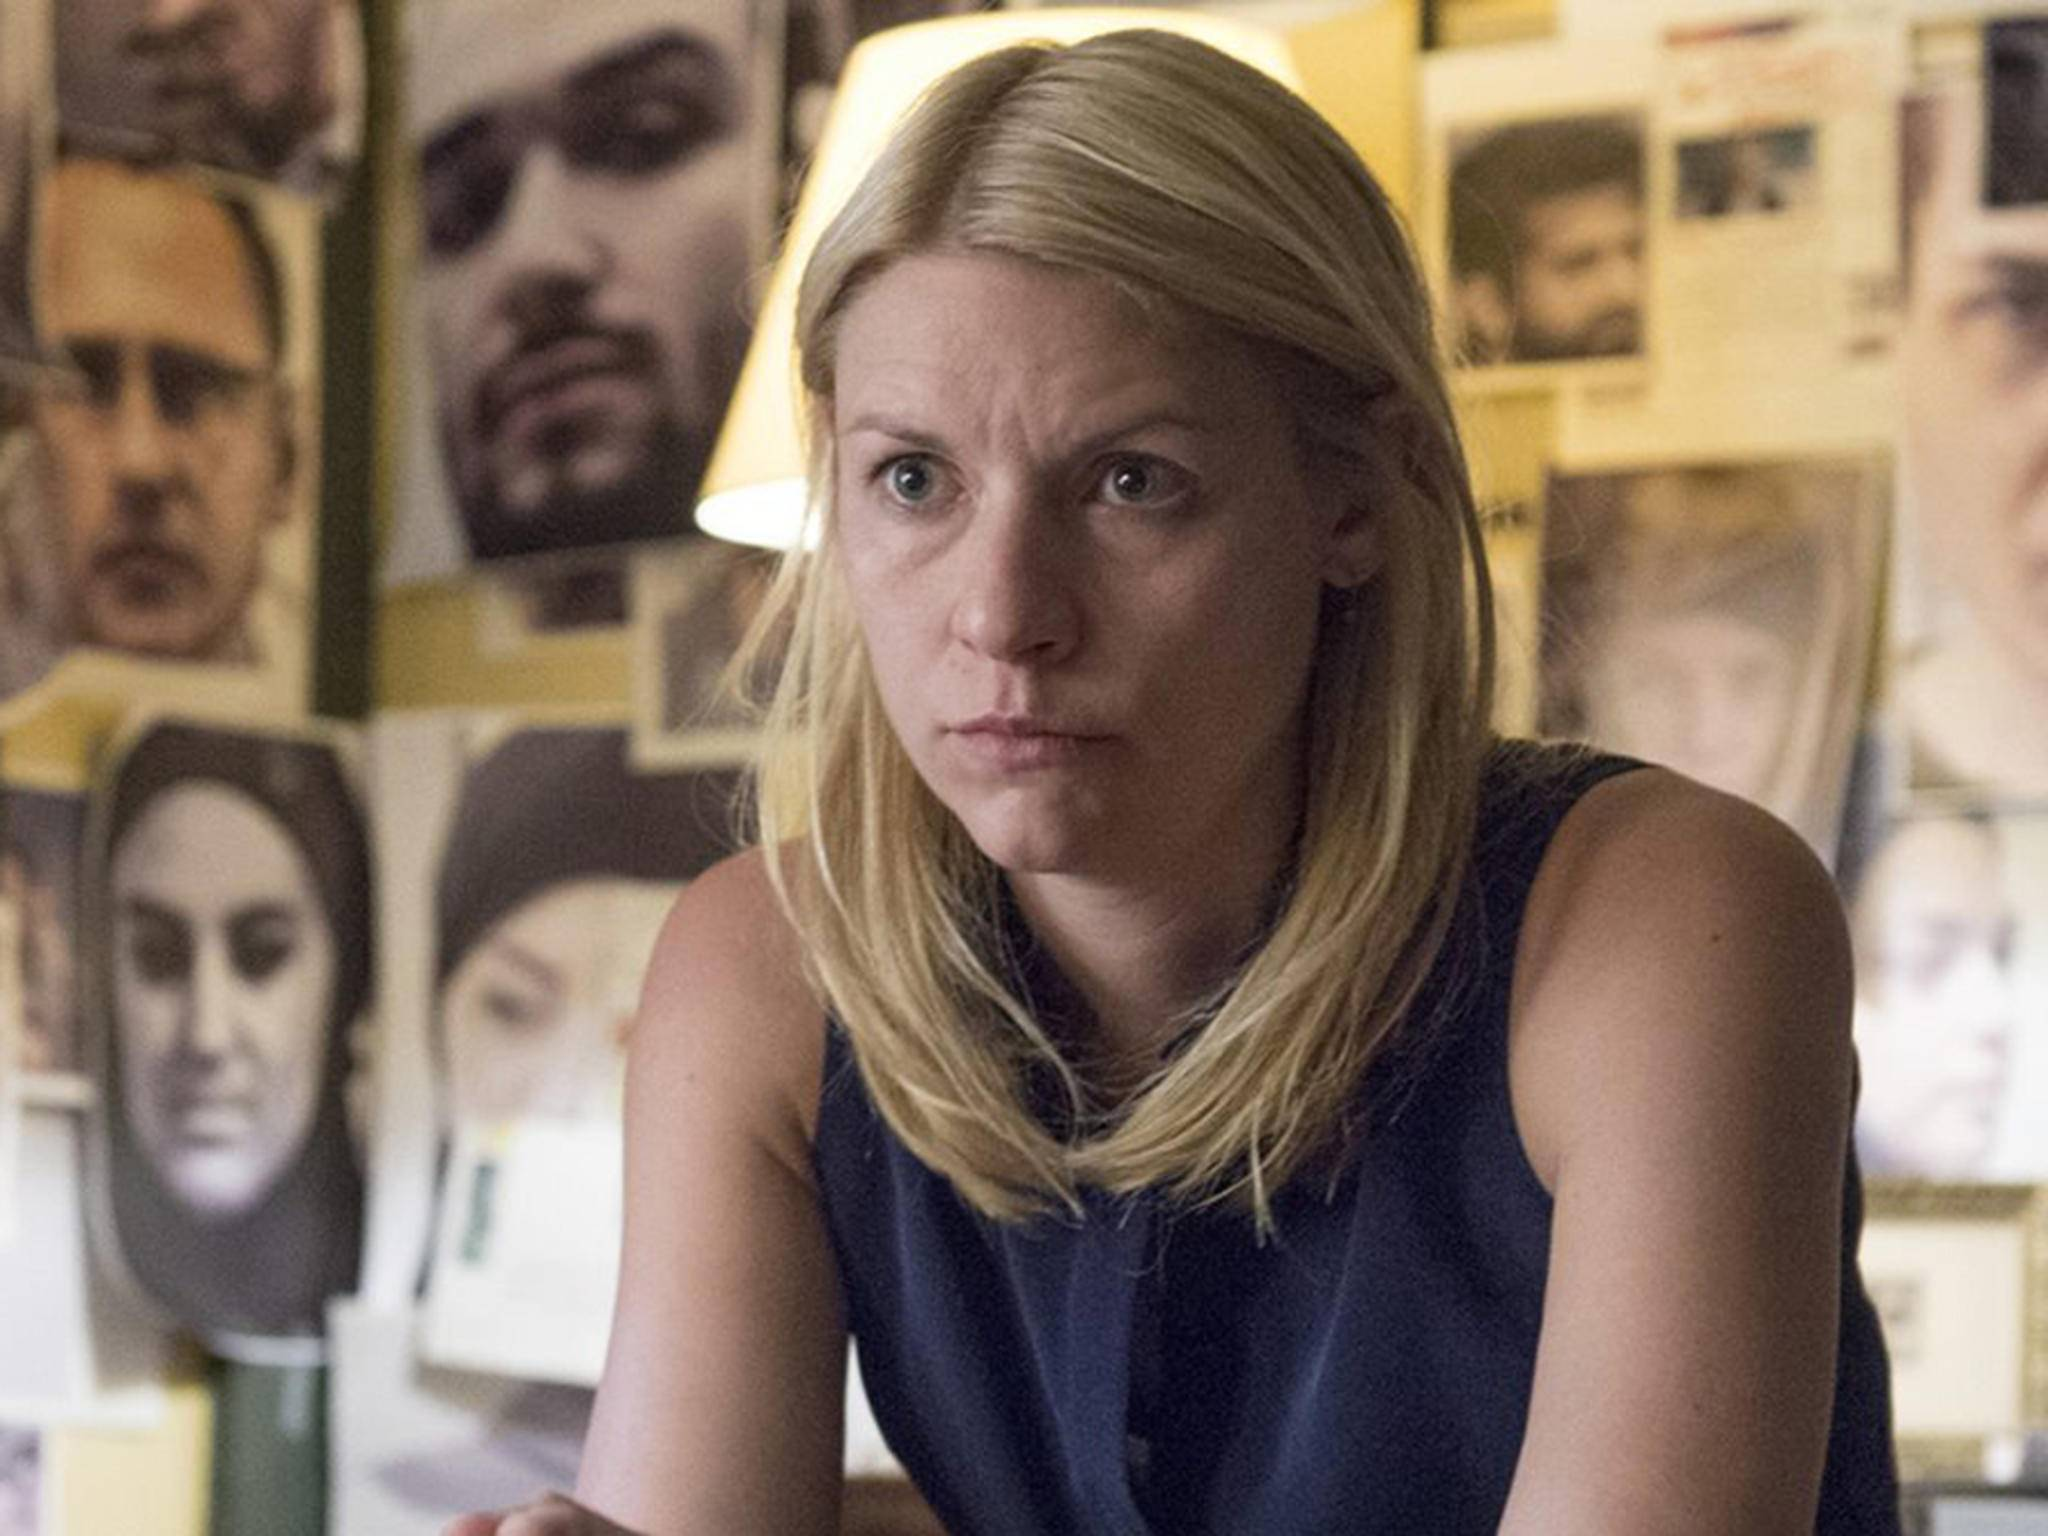 Staffel 8 könnte der letzte Einsatz für Claire Danes als Carrie sein.